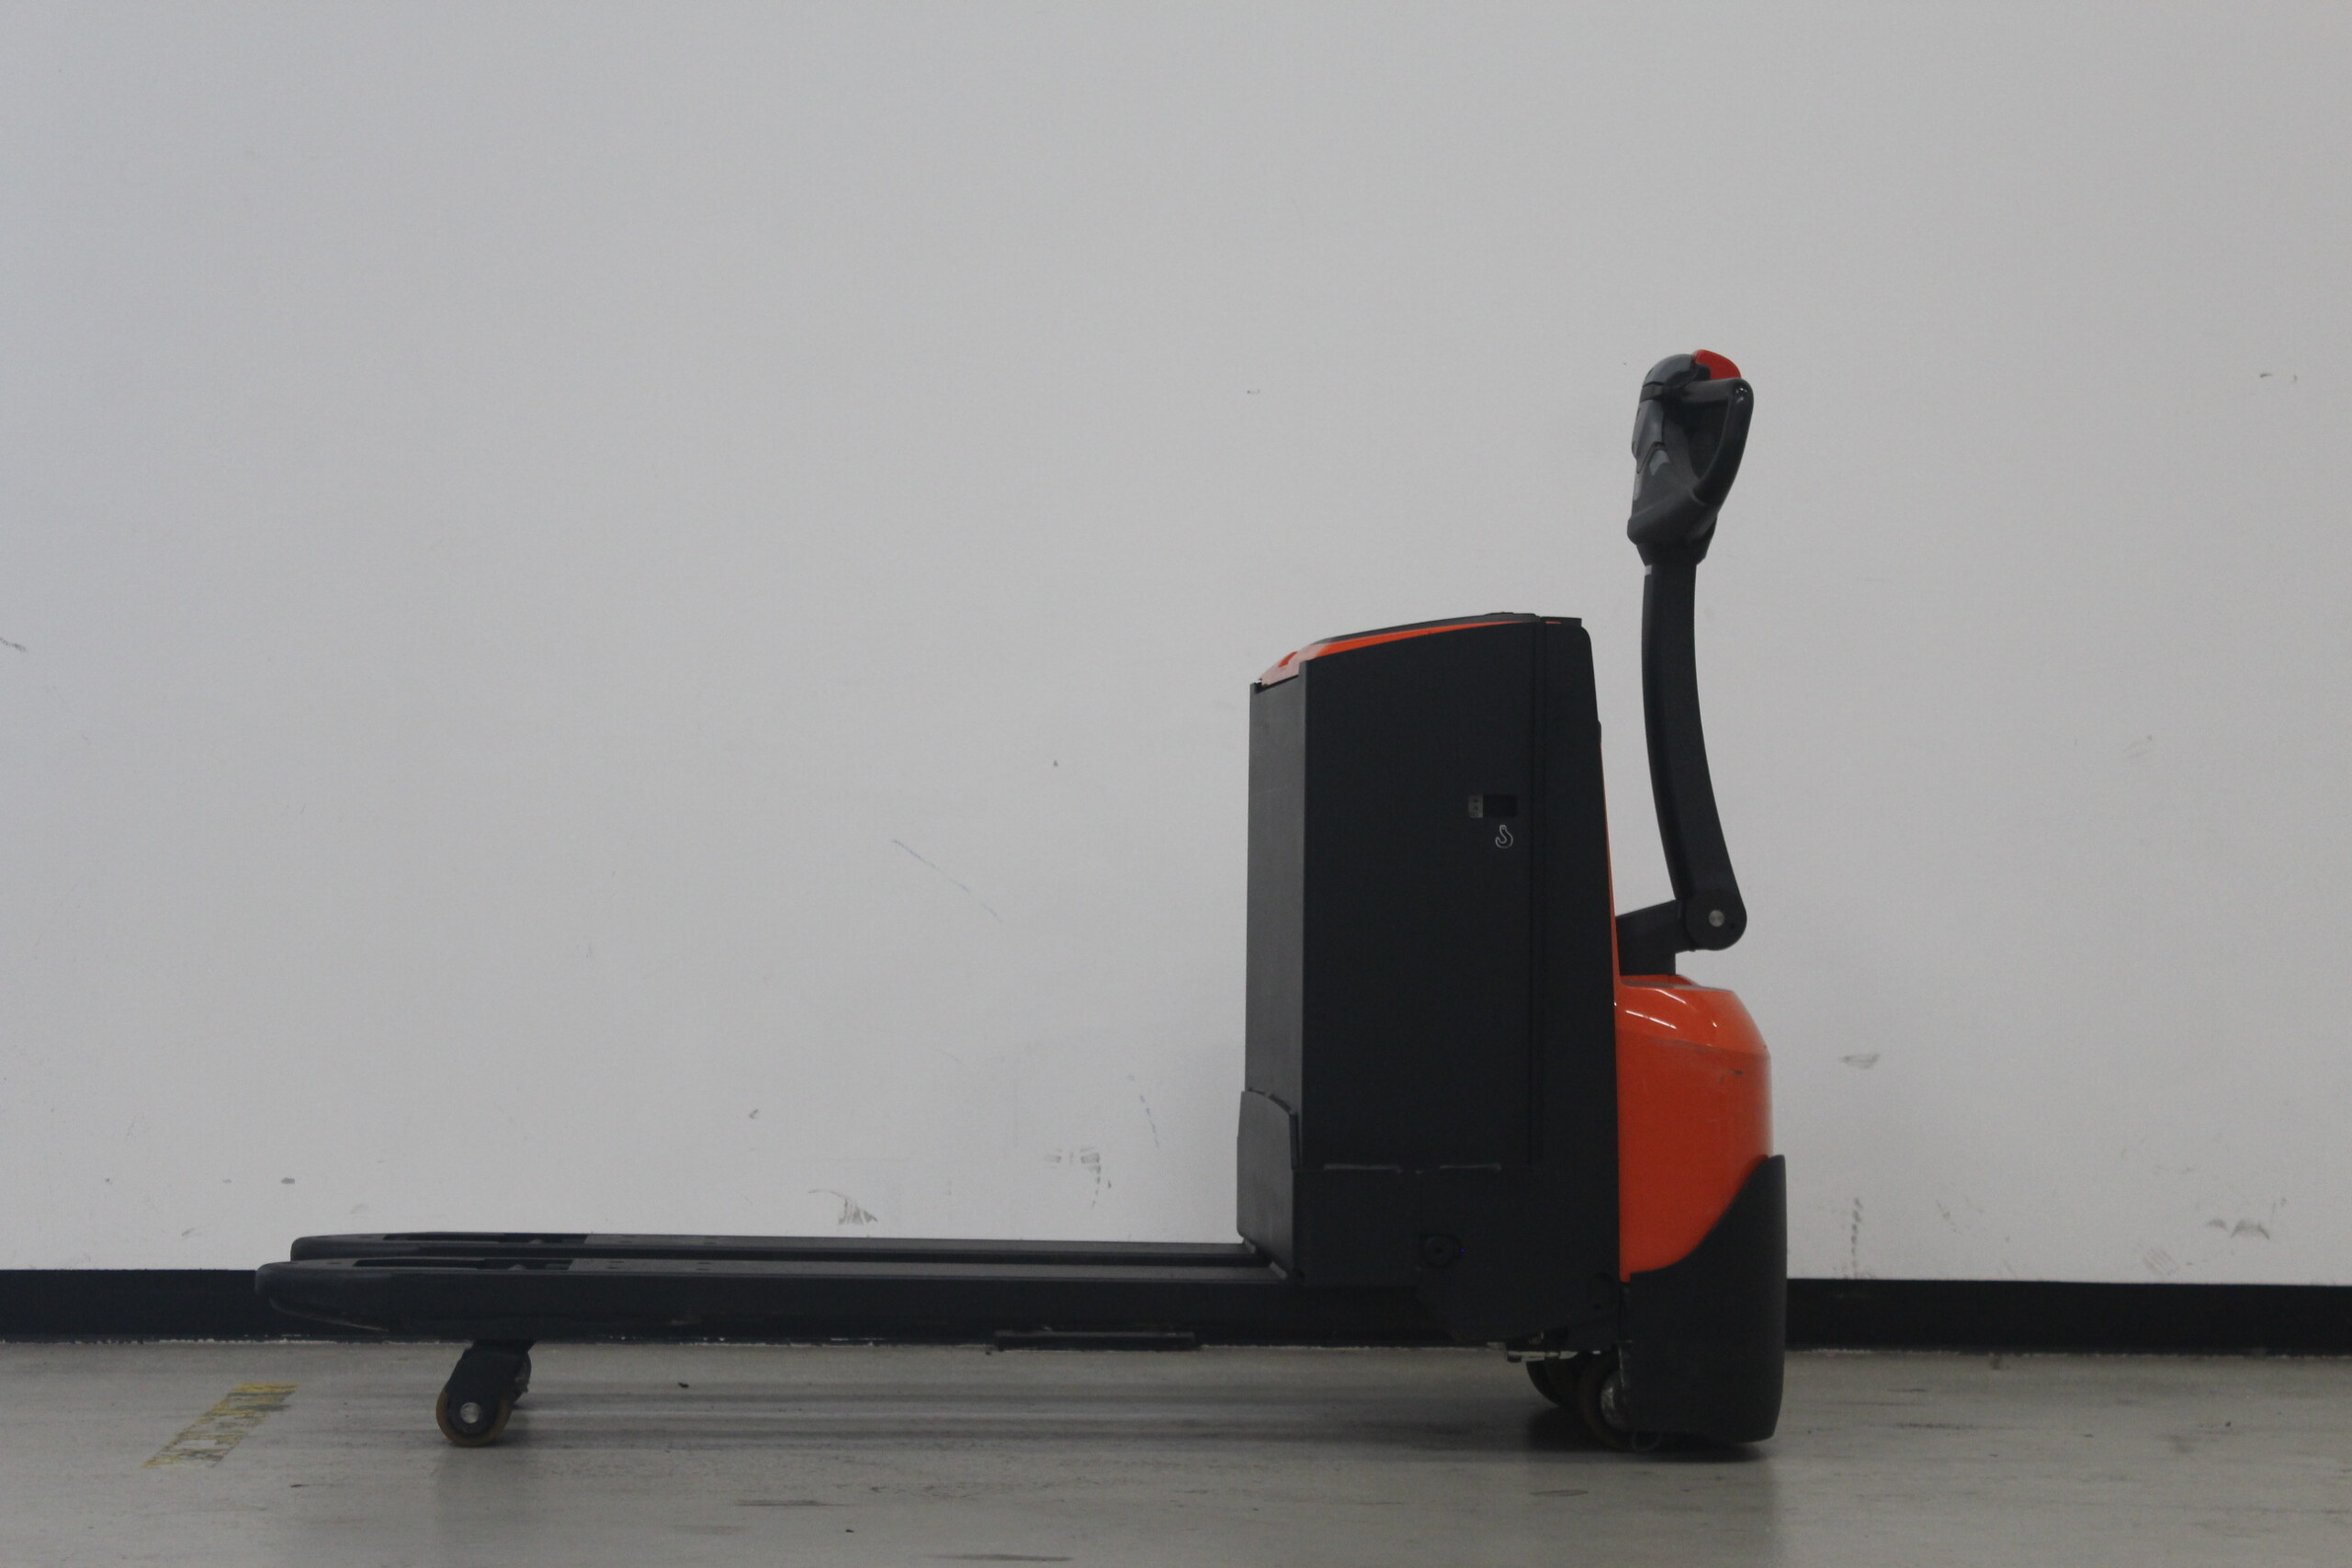 Toyota-Gabelstapler-59840 1610006816 1 7 scaled